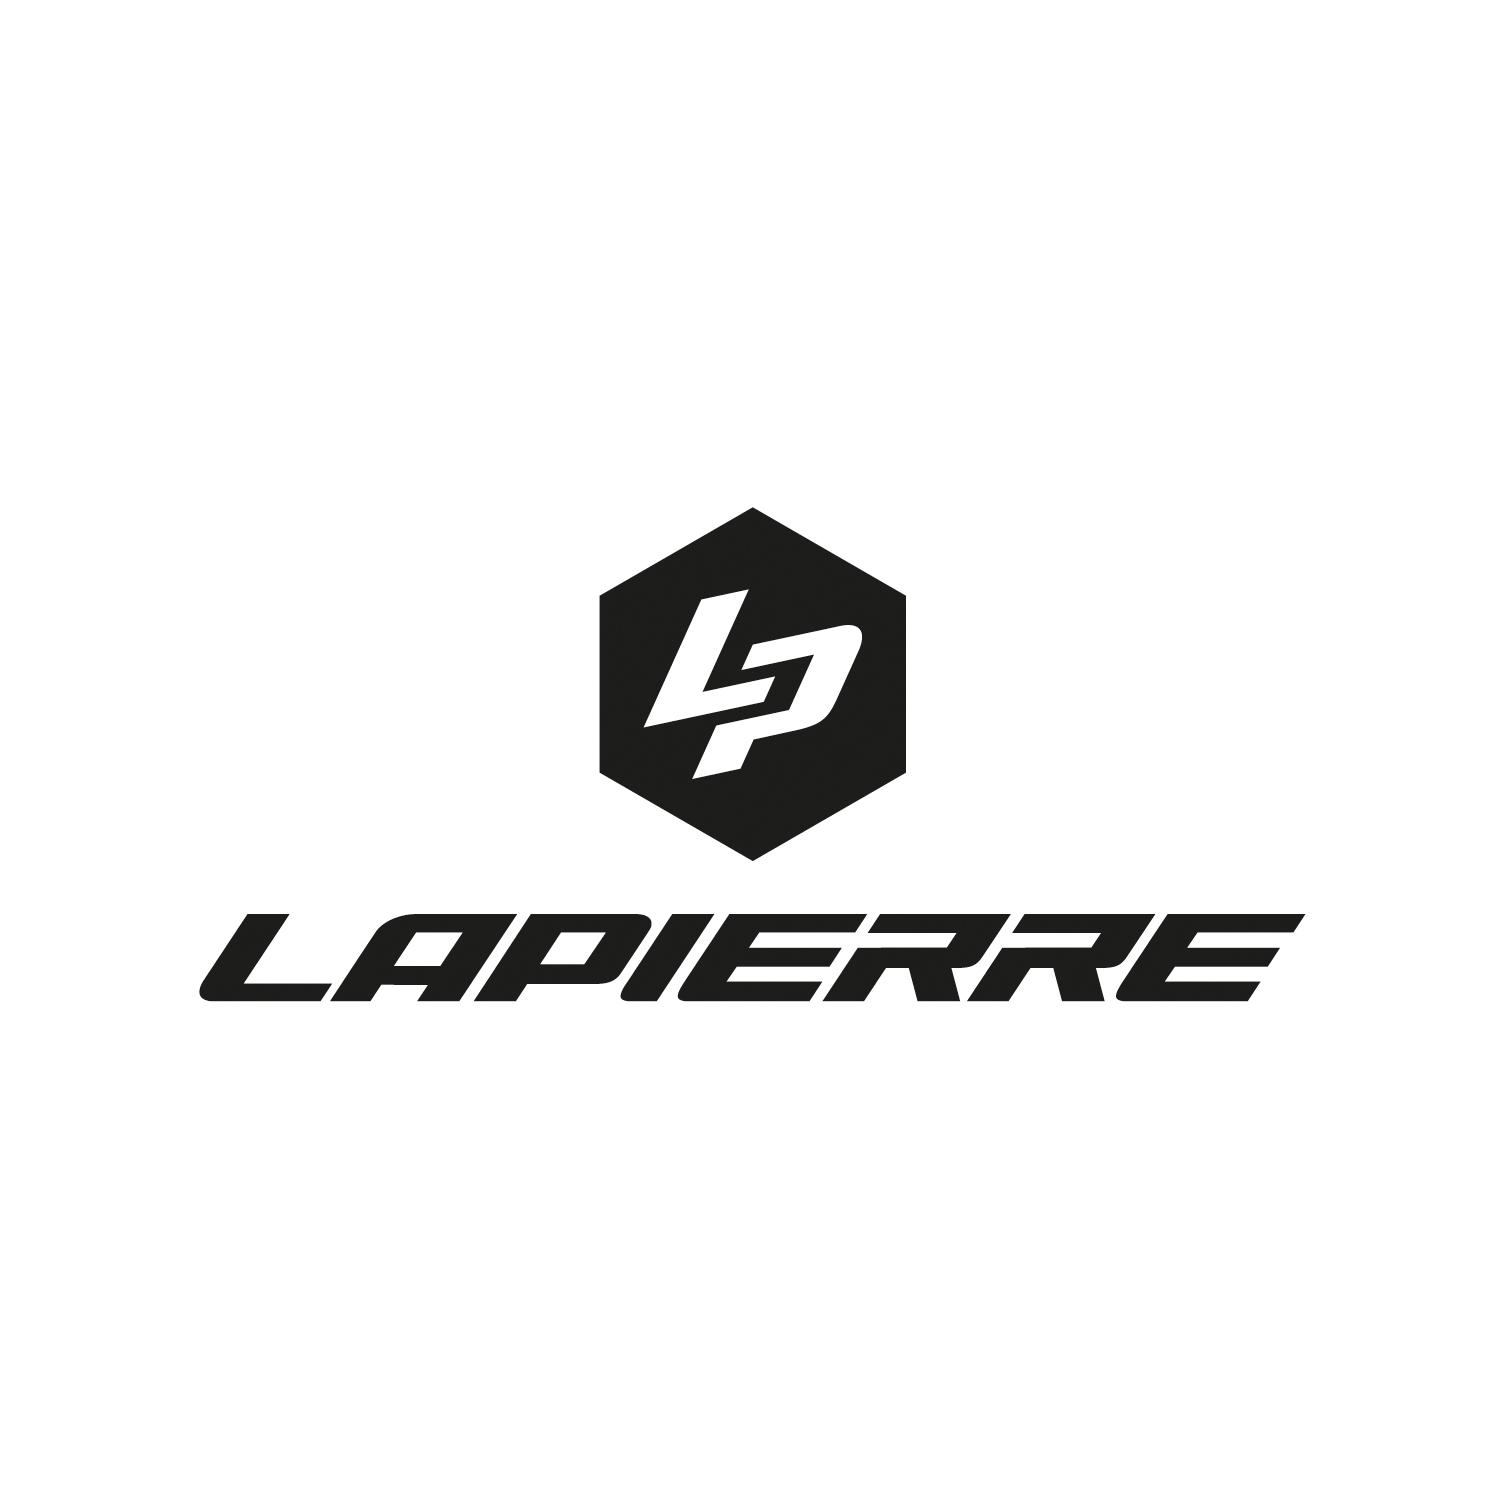 Il marchio Lapierre